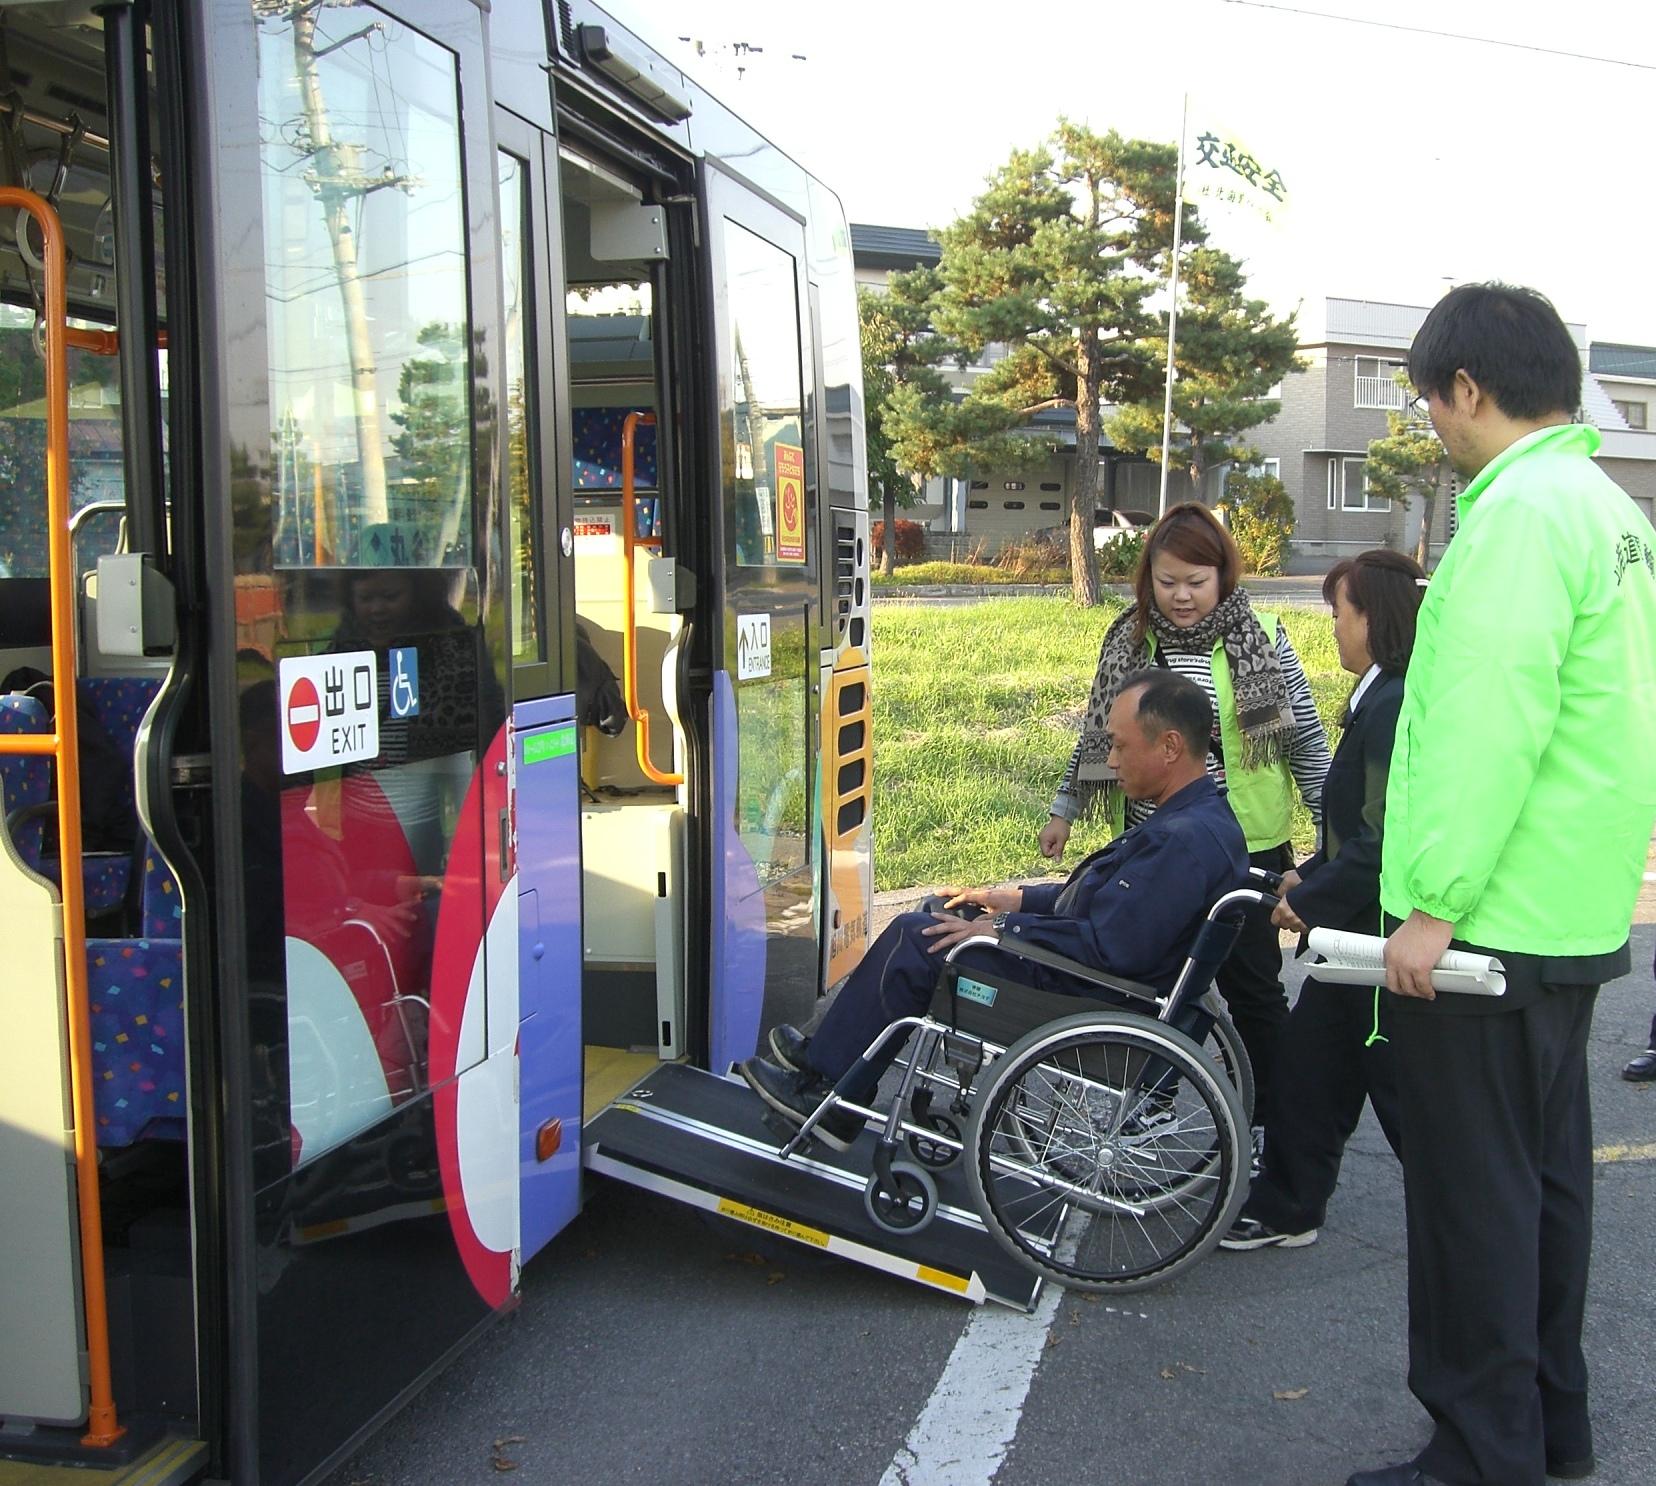 旅とぴあ北海道ブログは下記にリニューアルしました↓バス運転手の方を対象に「バリアフリー教室」が行われました